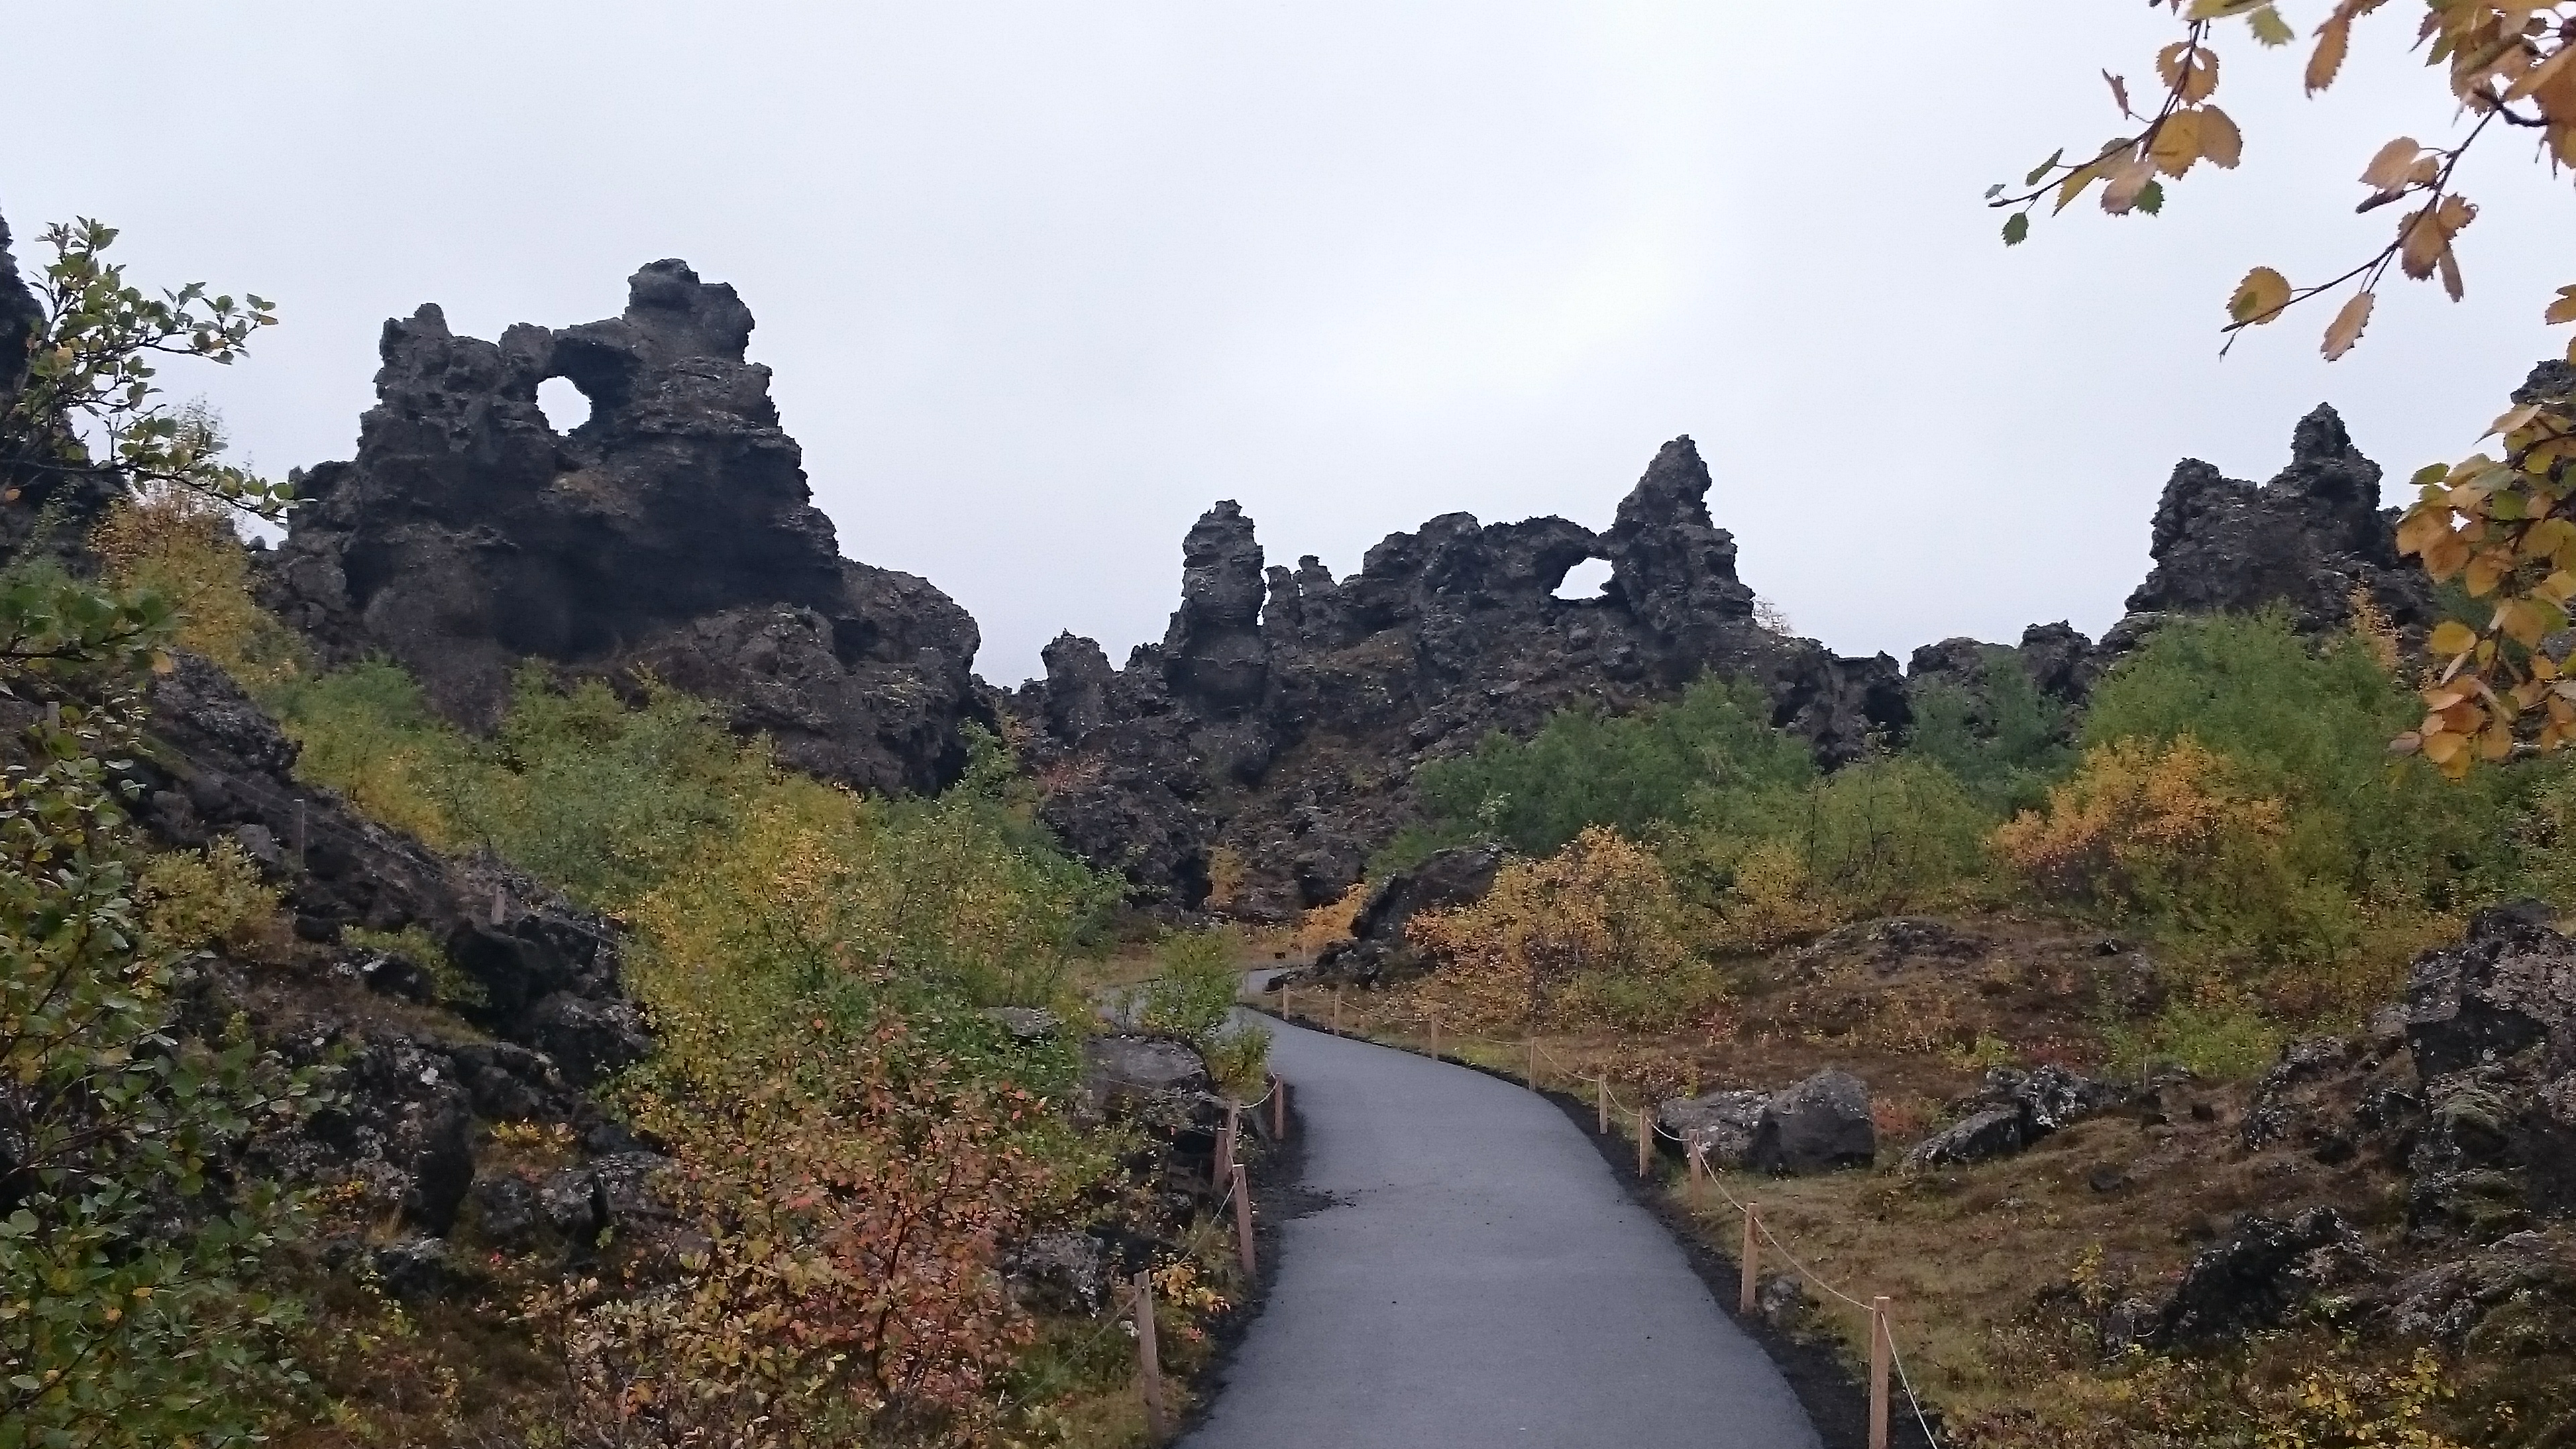 Dimmuborgir Landscape